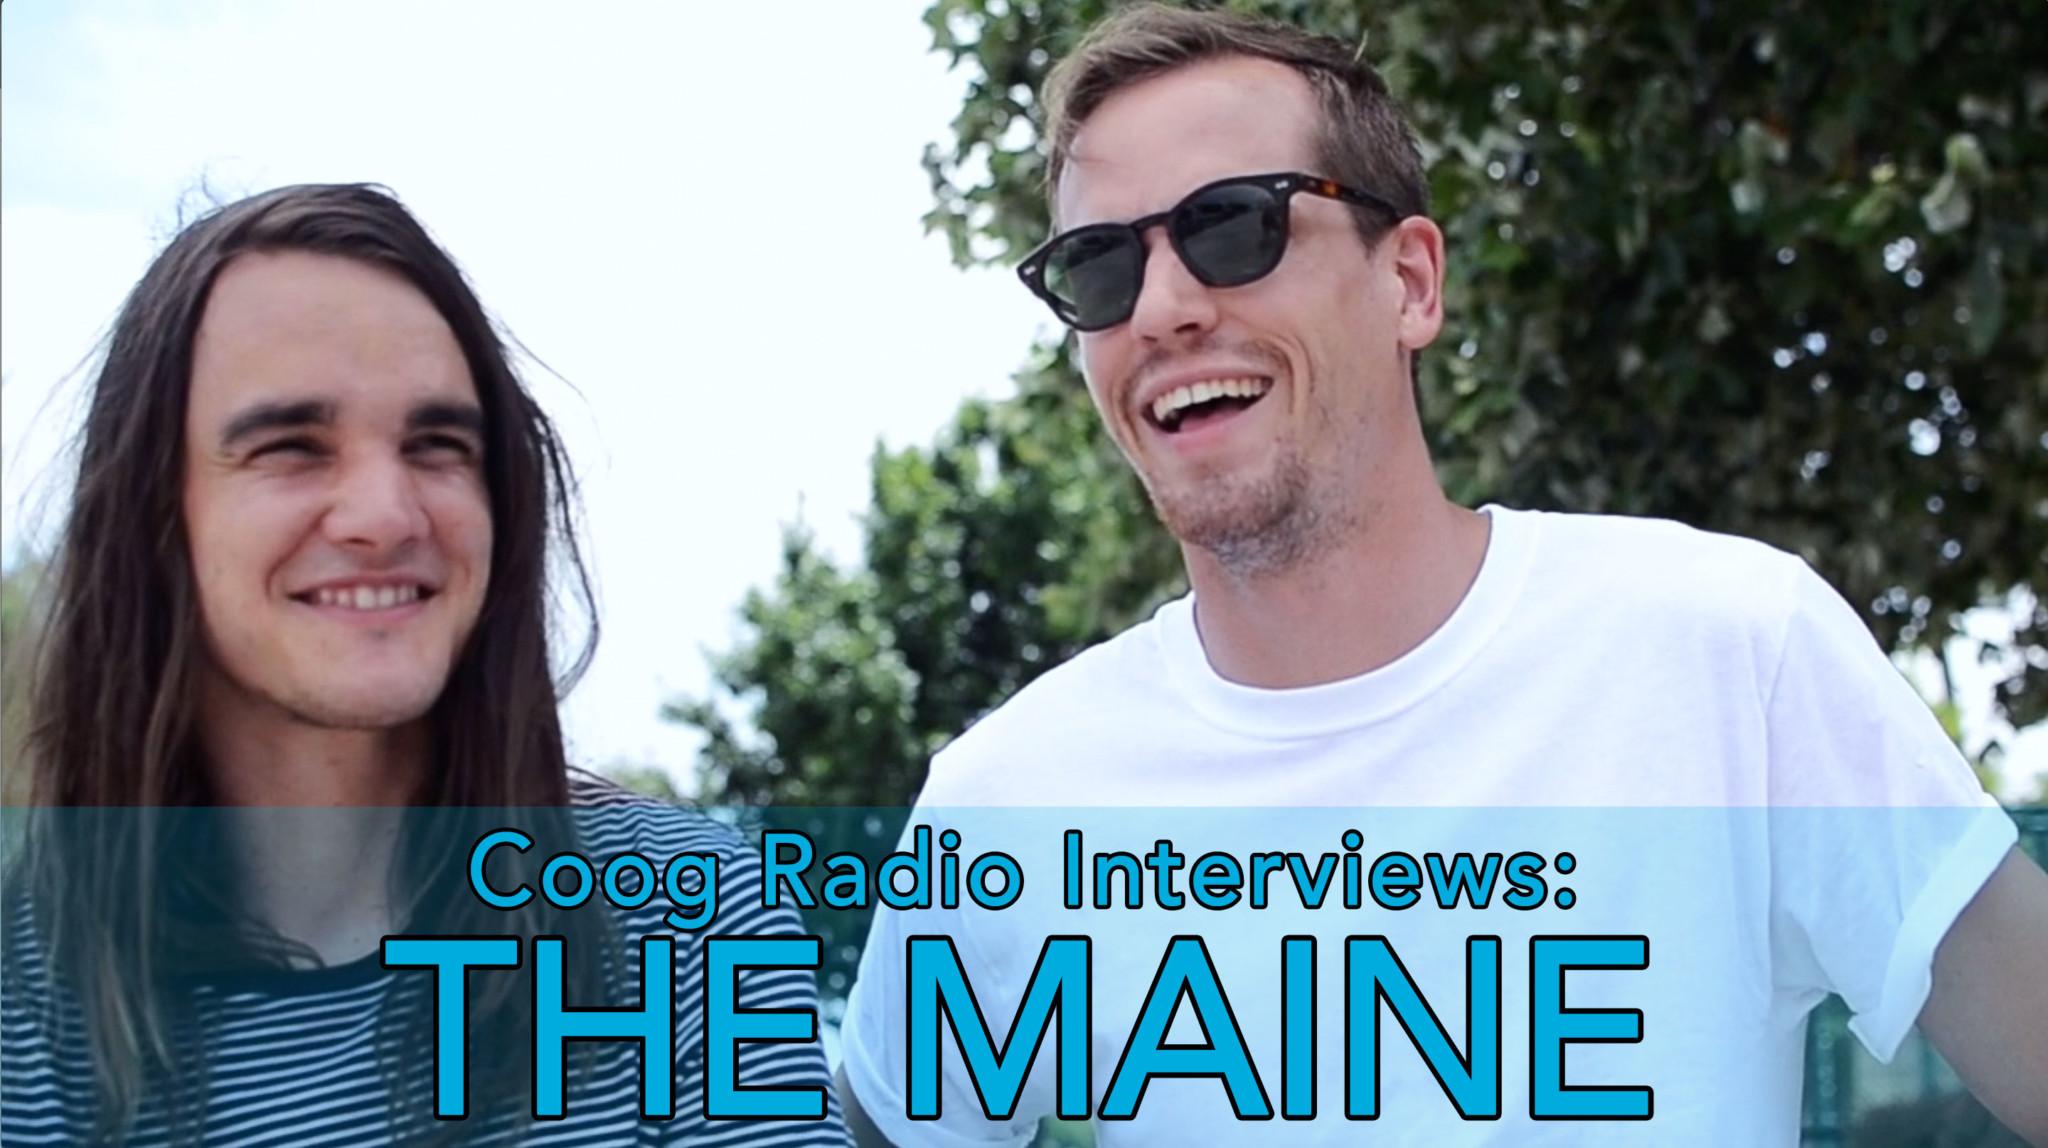 Coog Radio Interviews: The Maine at Vans Warped Tour 2016